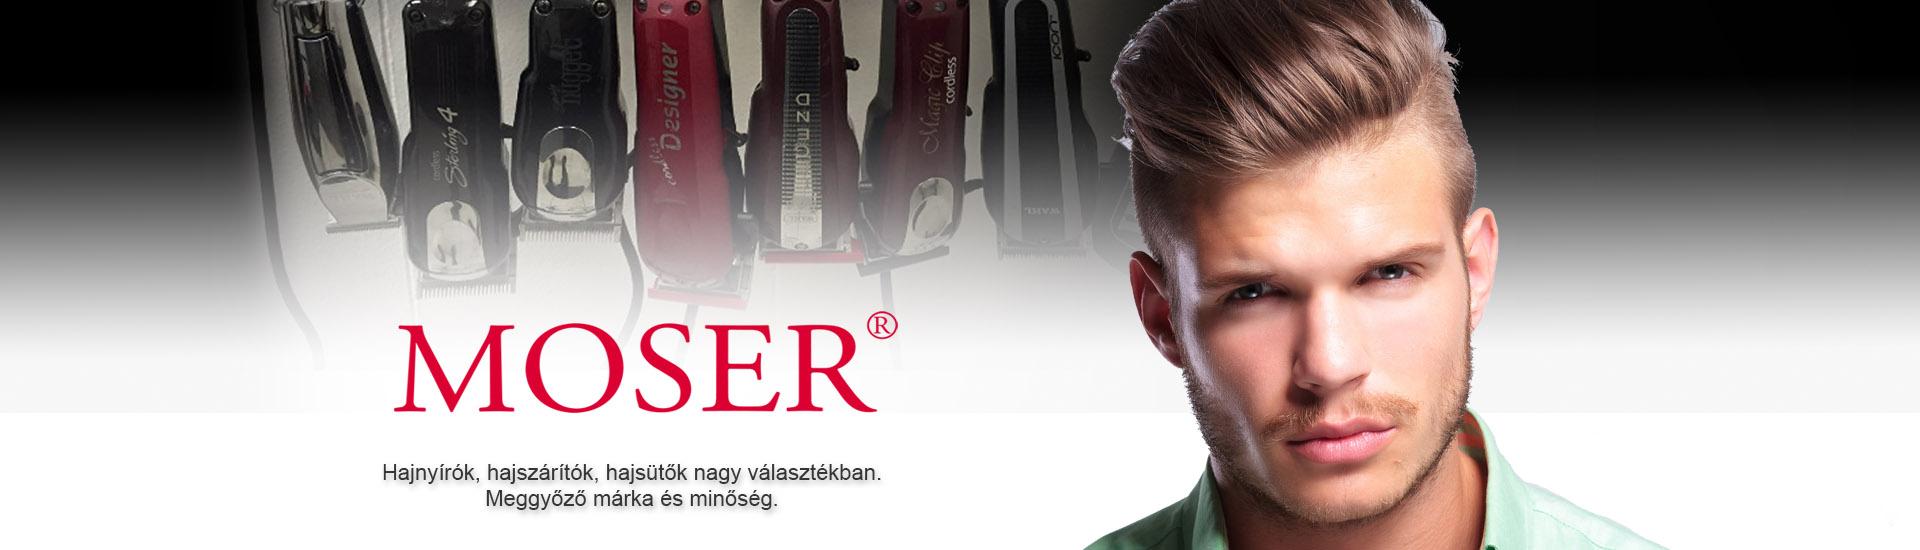 Moser_slider